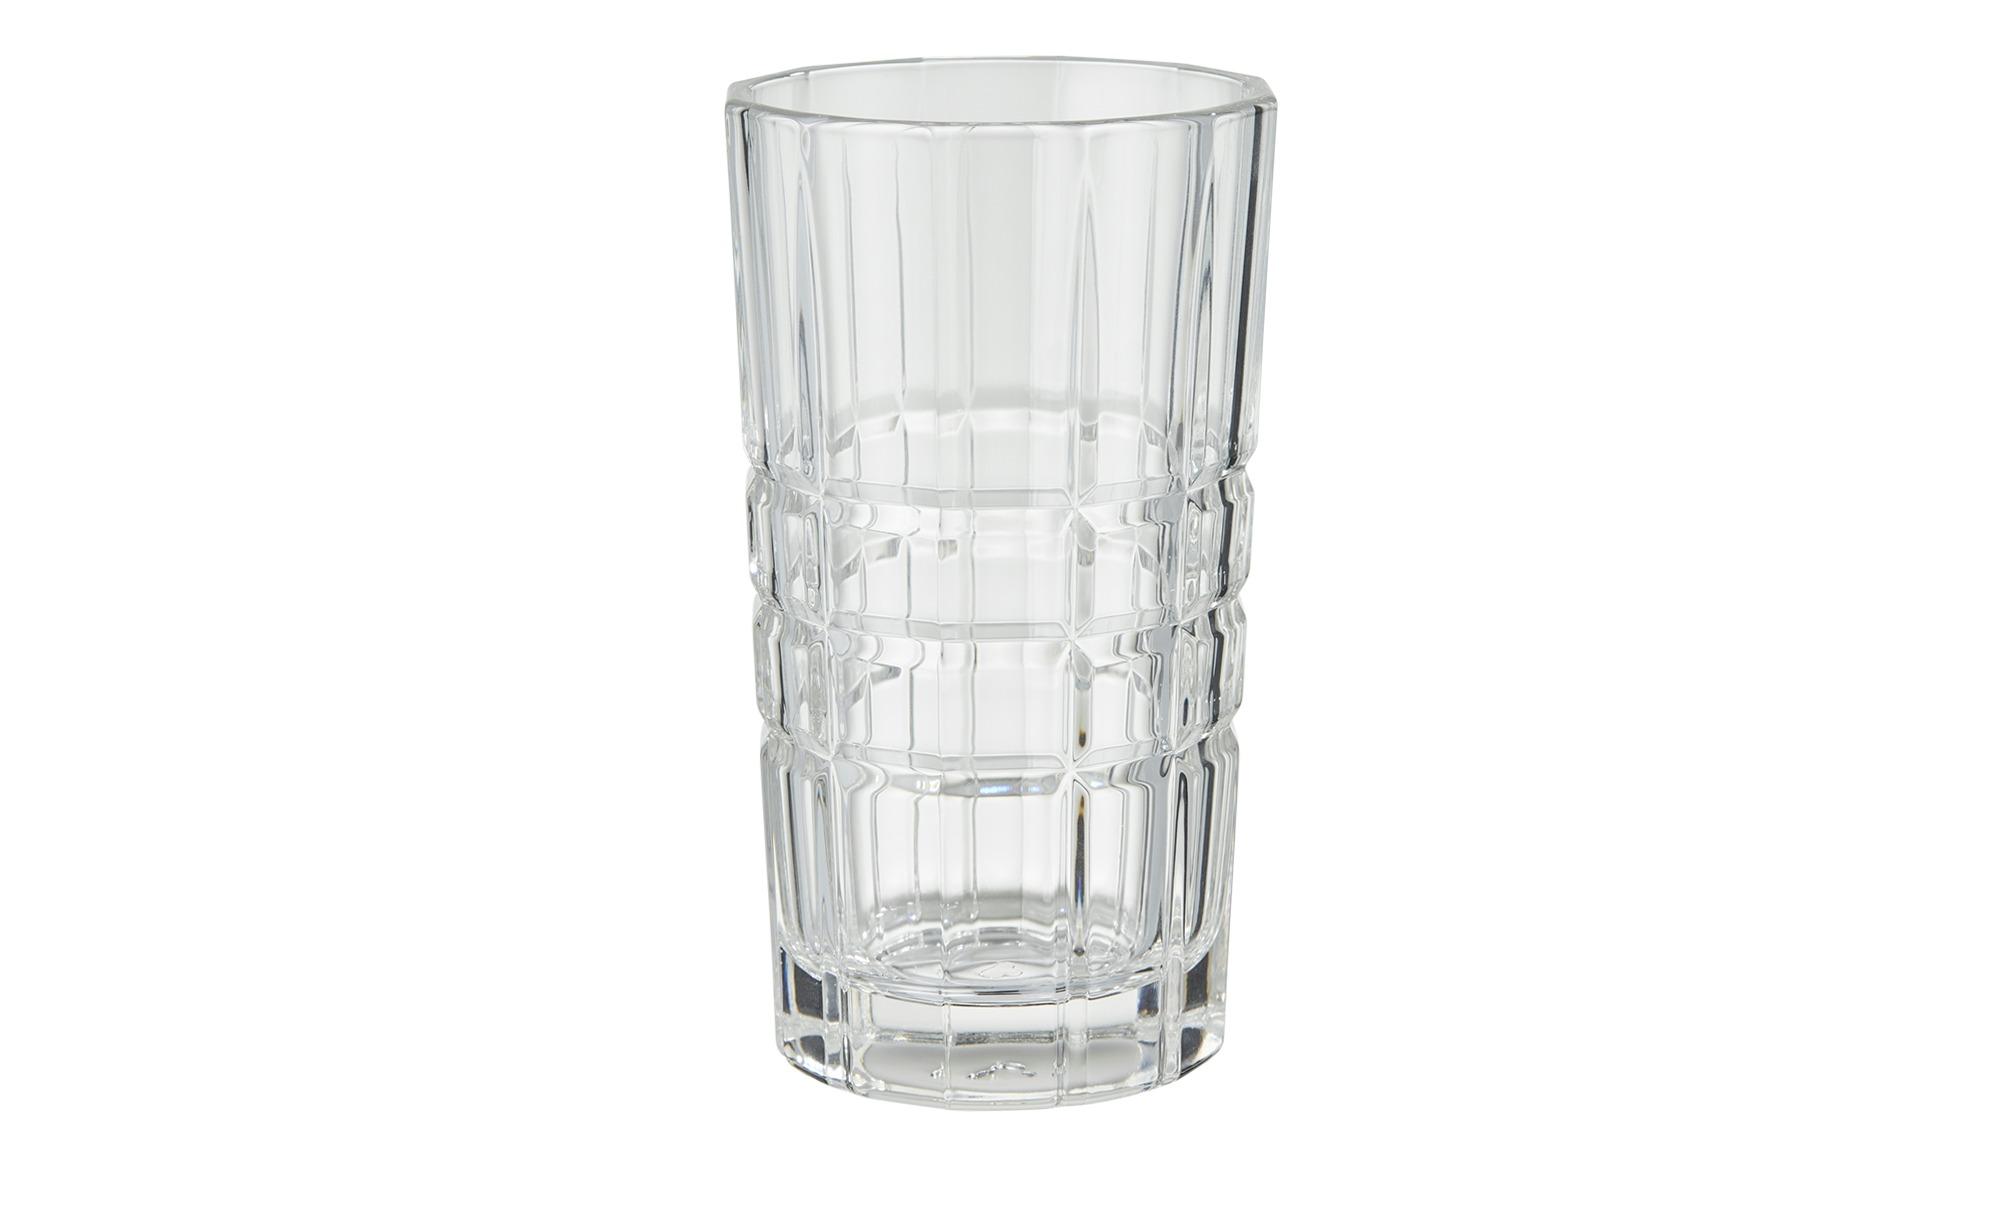 Vielseitiges Trinkglas für jeden Tag